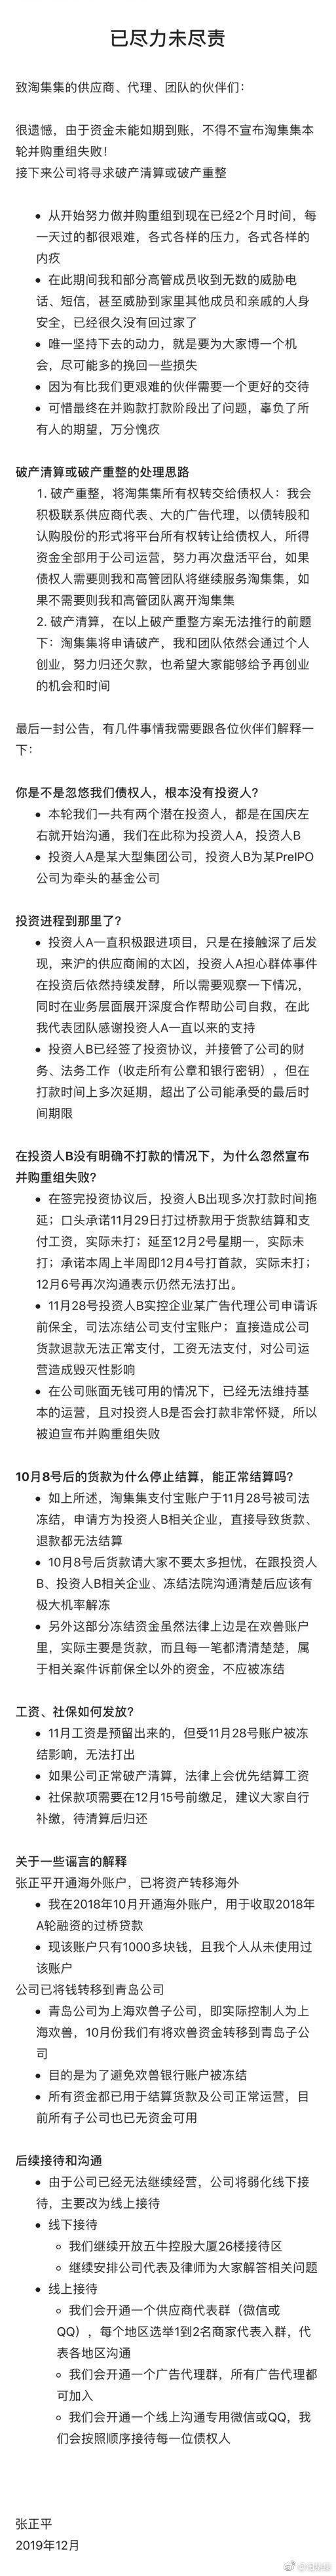 香港市民:要用选票告诉暴徒他们不能为所欲为